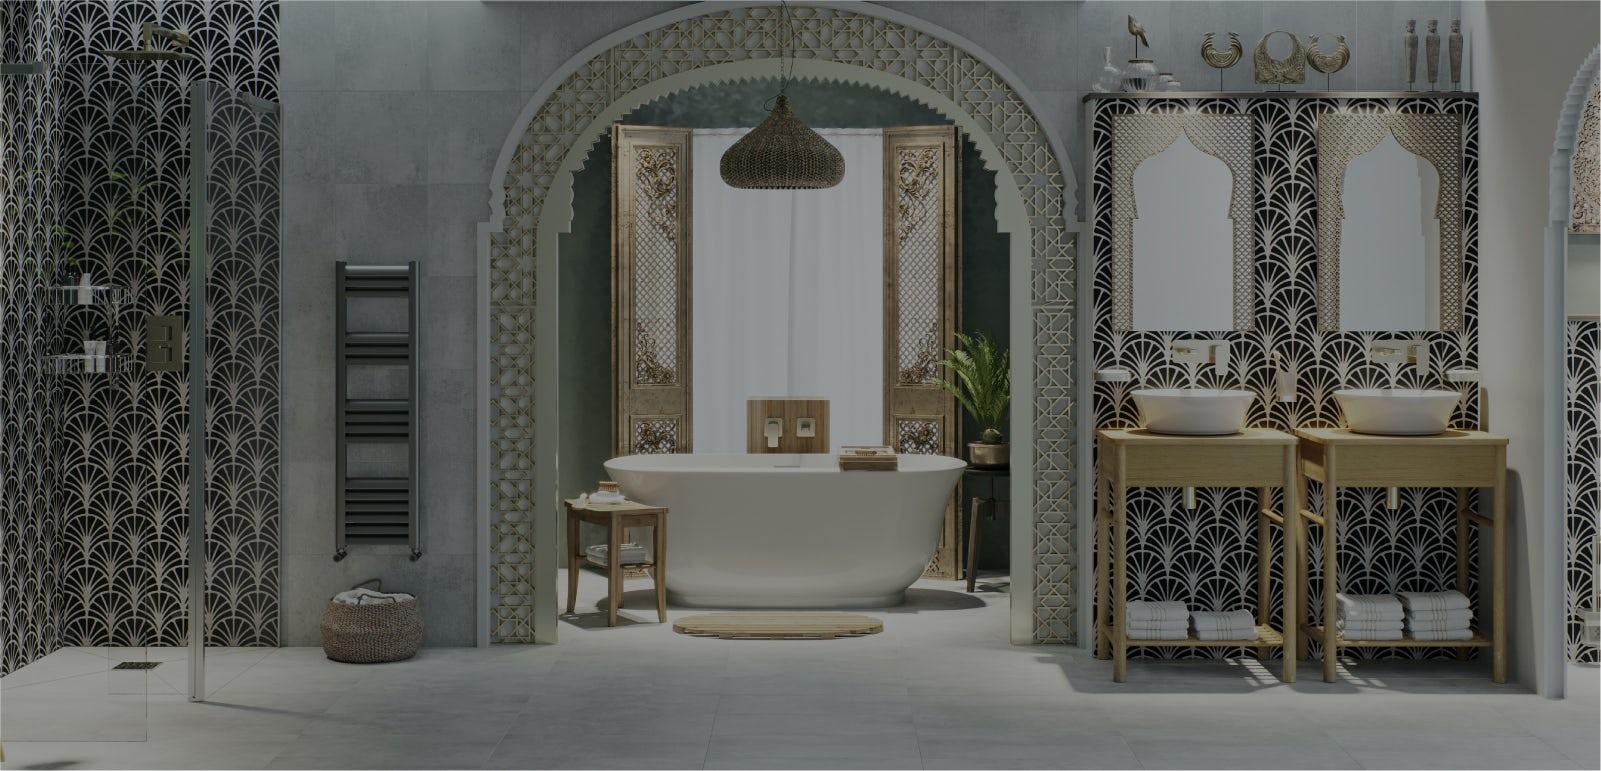 Bathroom Ideas: Go Global—Middle East